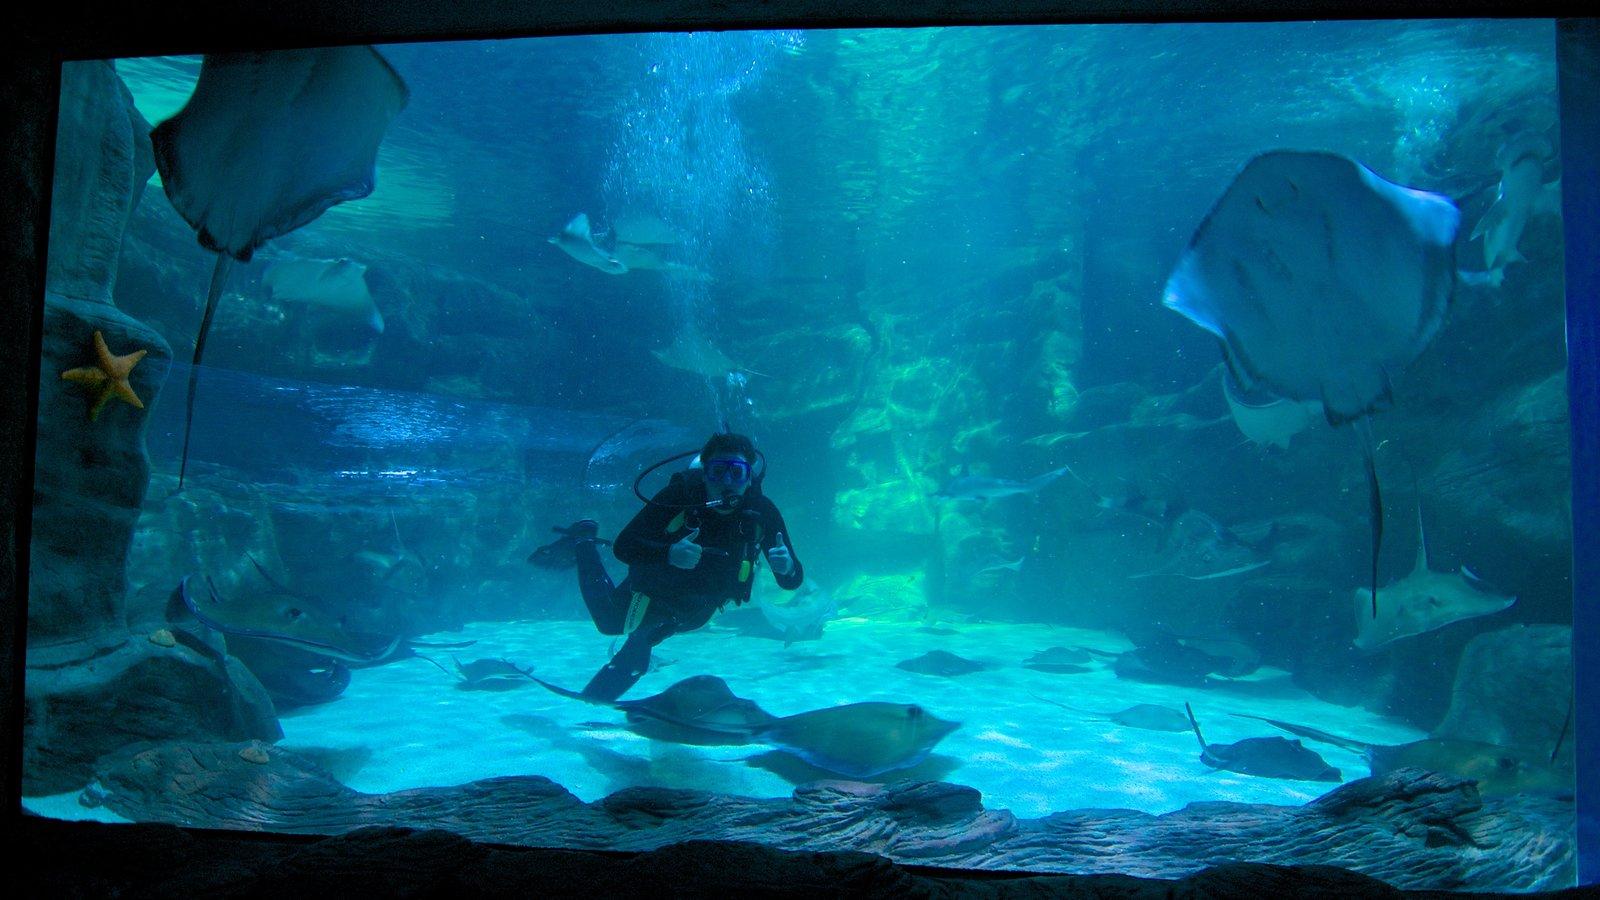 Ripley\'s Aquarium mostrando vistas internas, coral e vida marinha